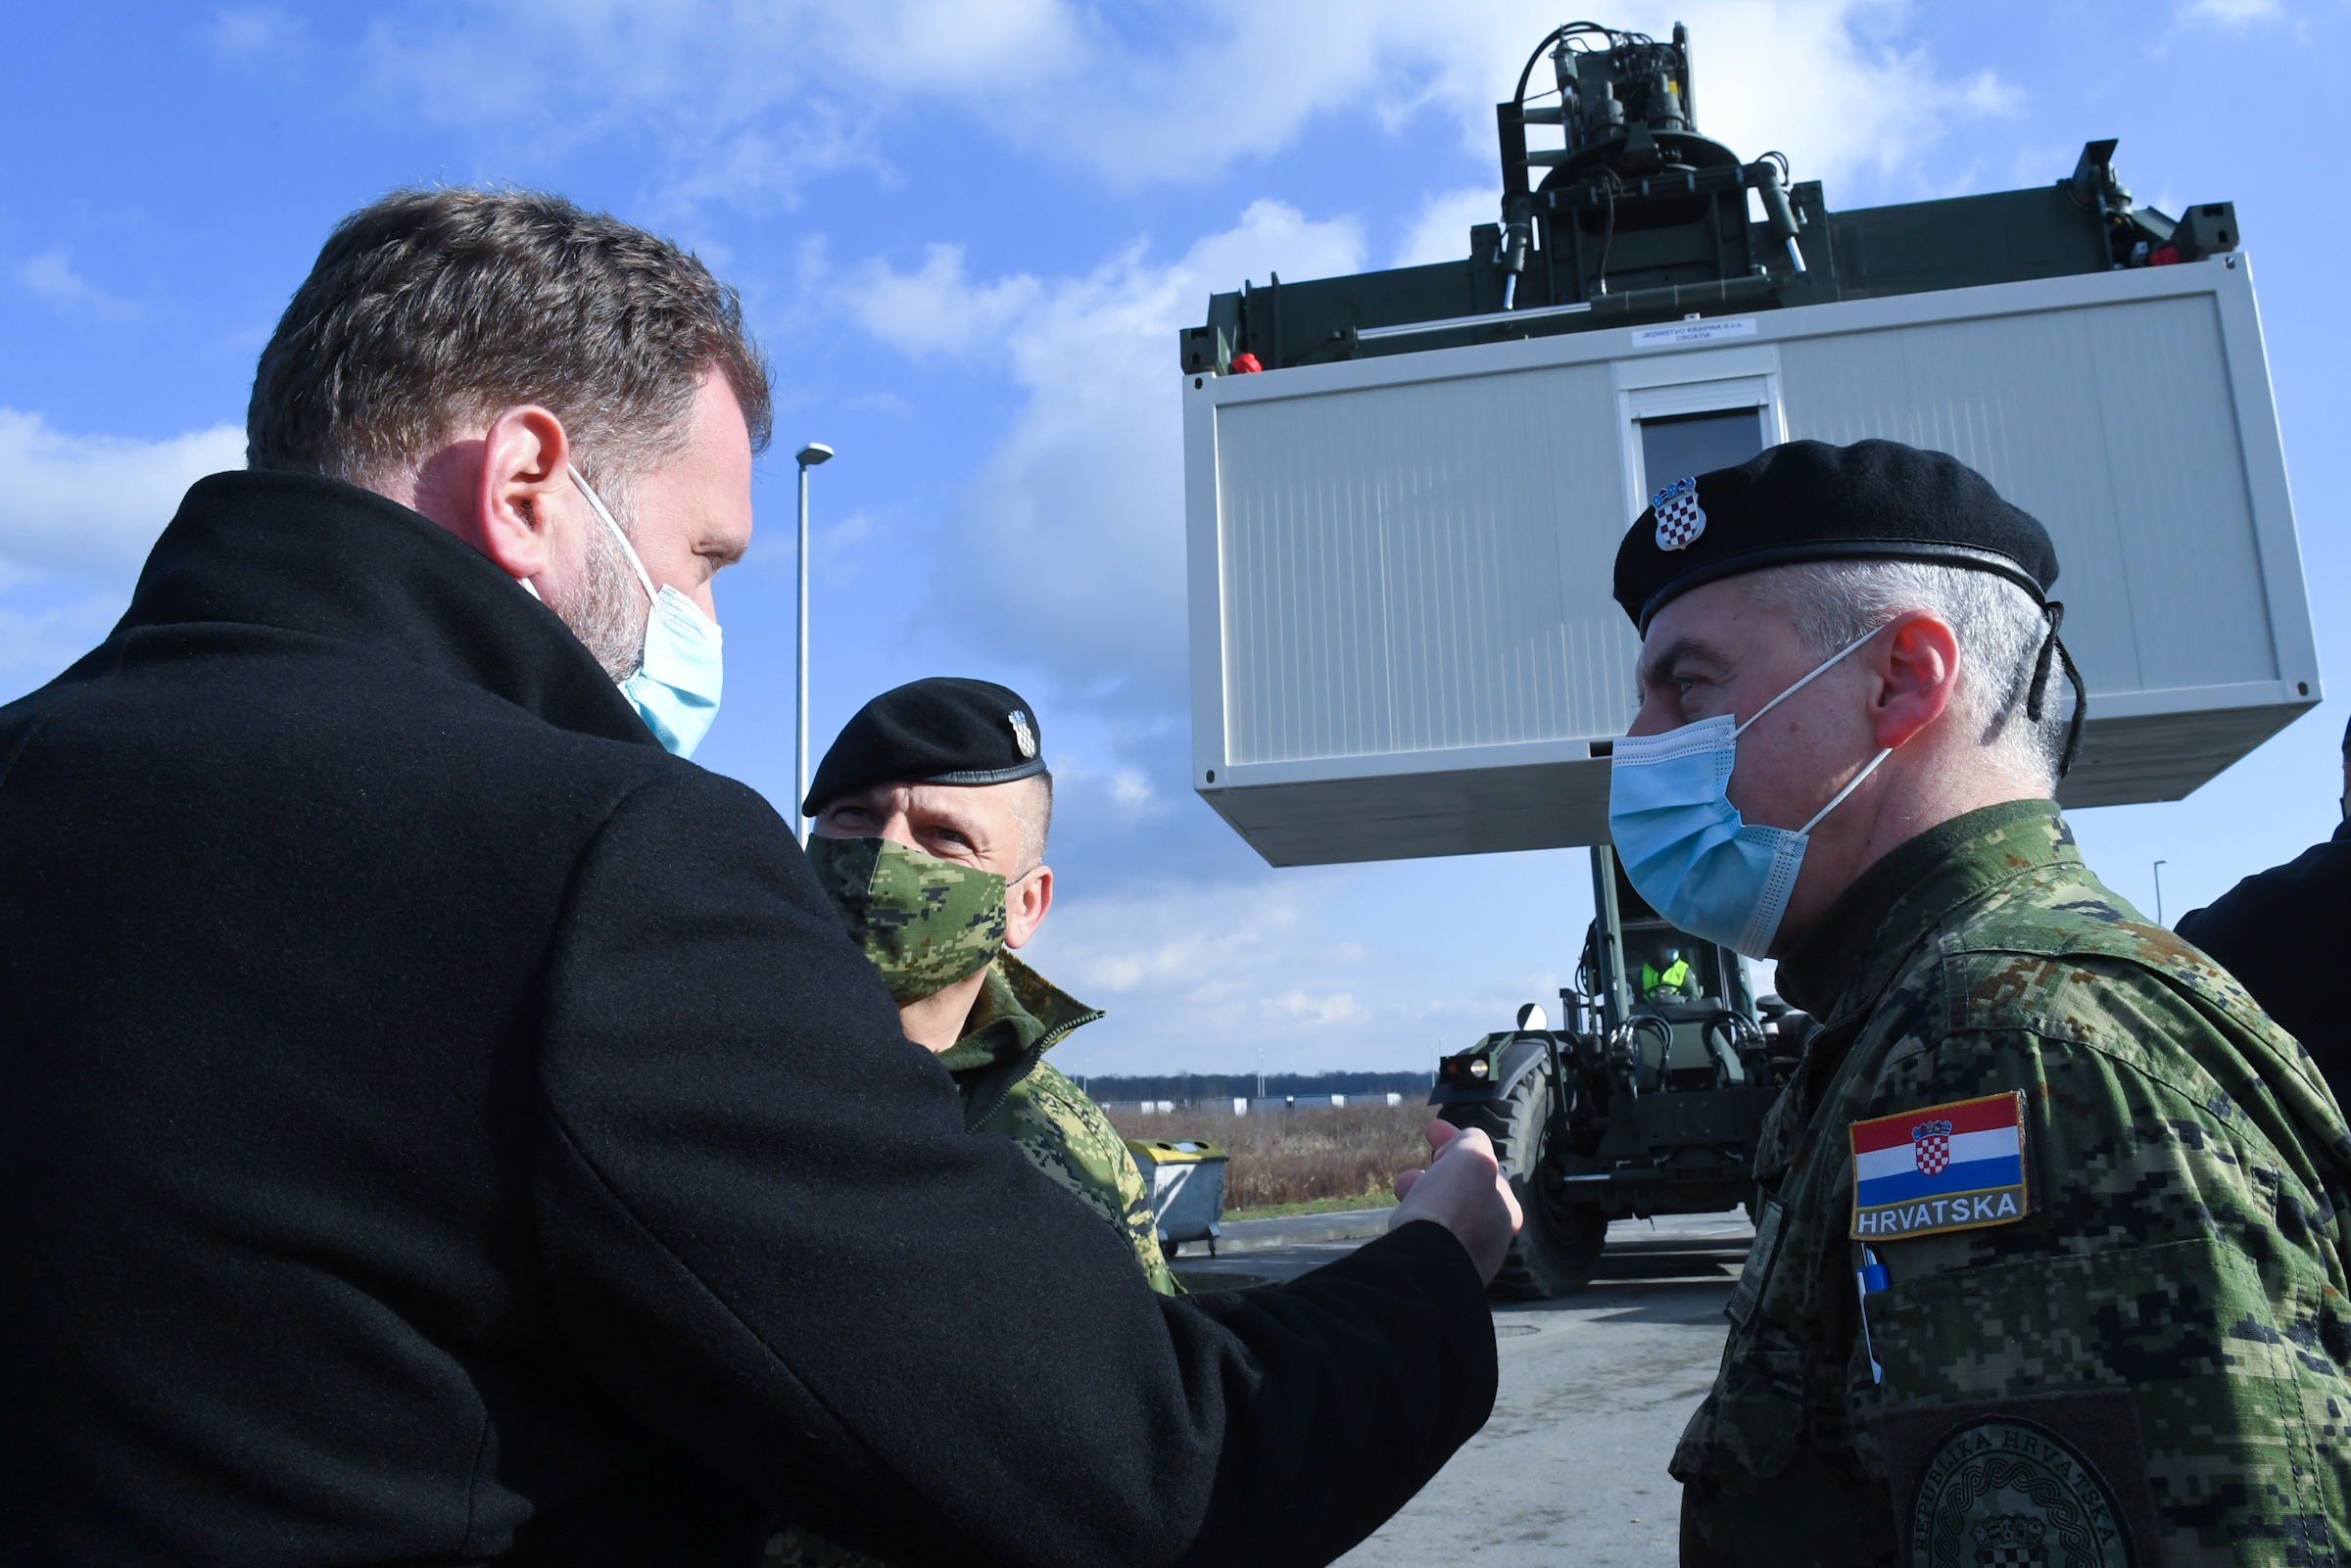 Ministar obrane Banožić s pripadnicima HV-a u Lekeniku